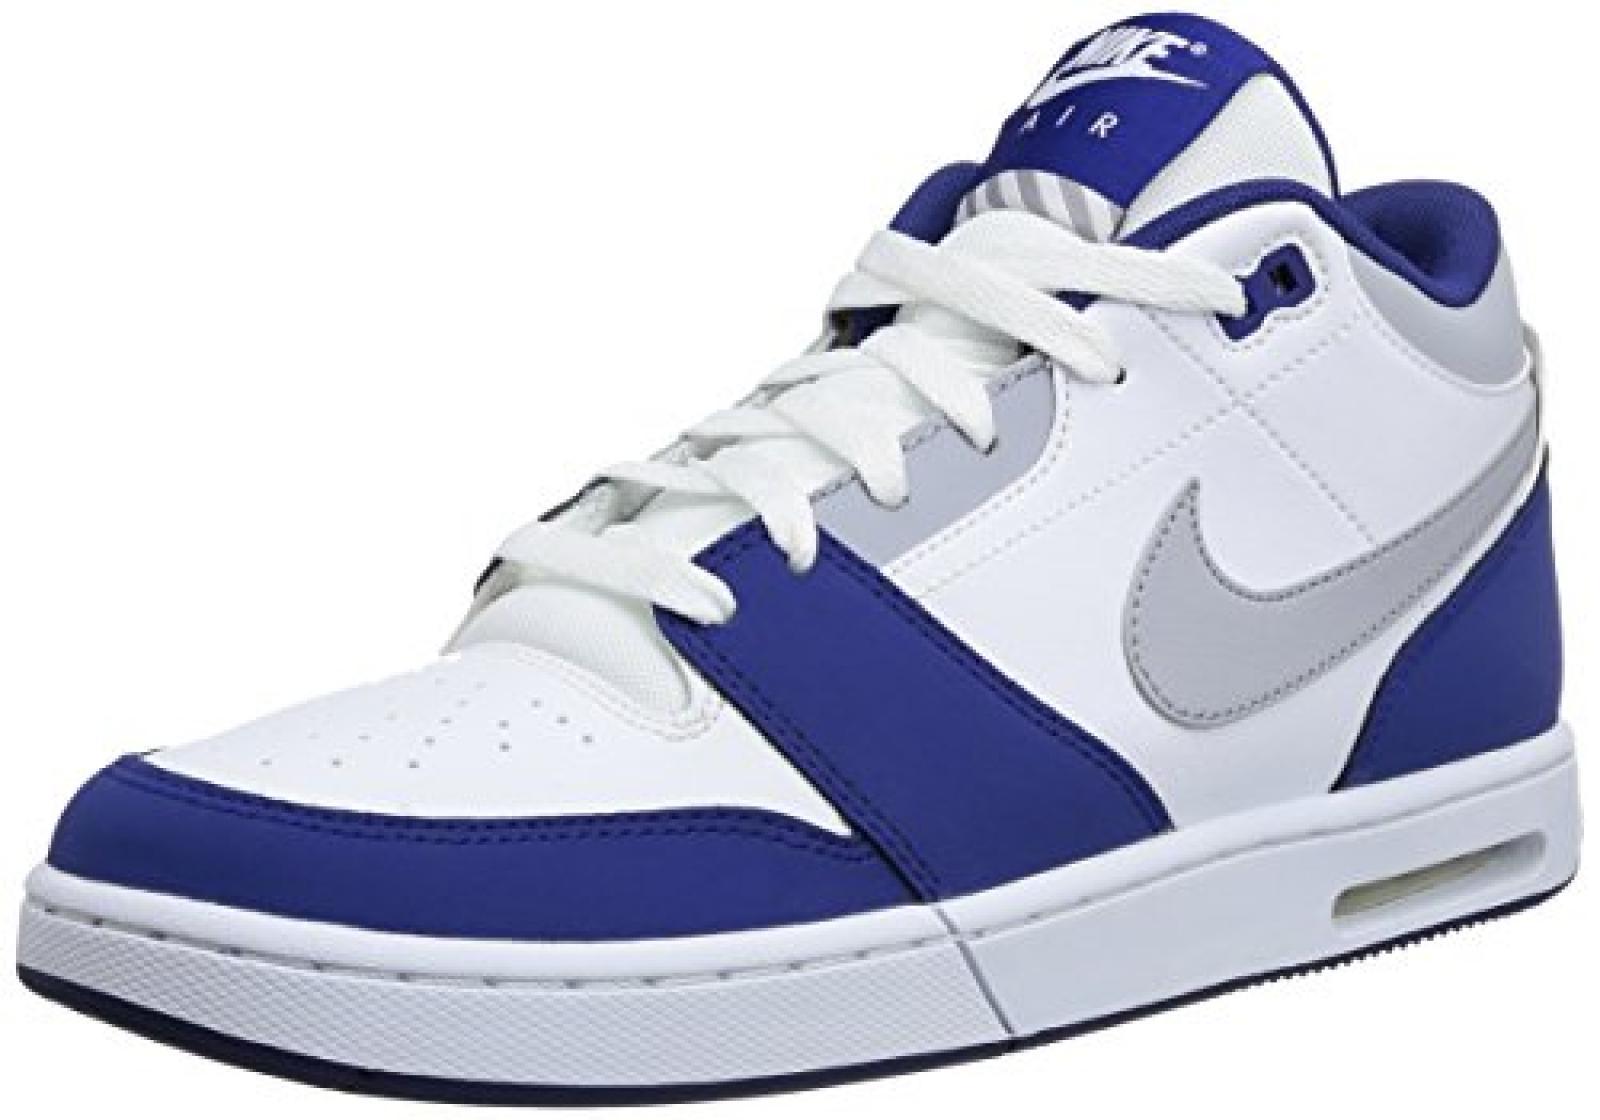 Nike 654476 146 Air Stepback Herren Sportschuhe - Basketball